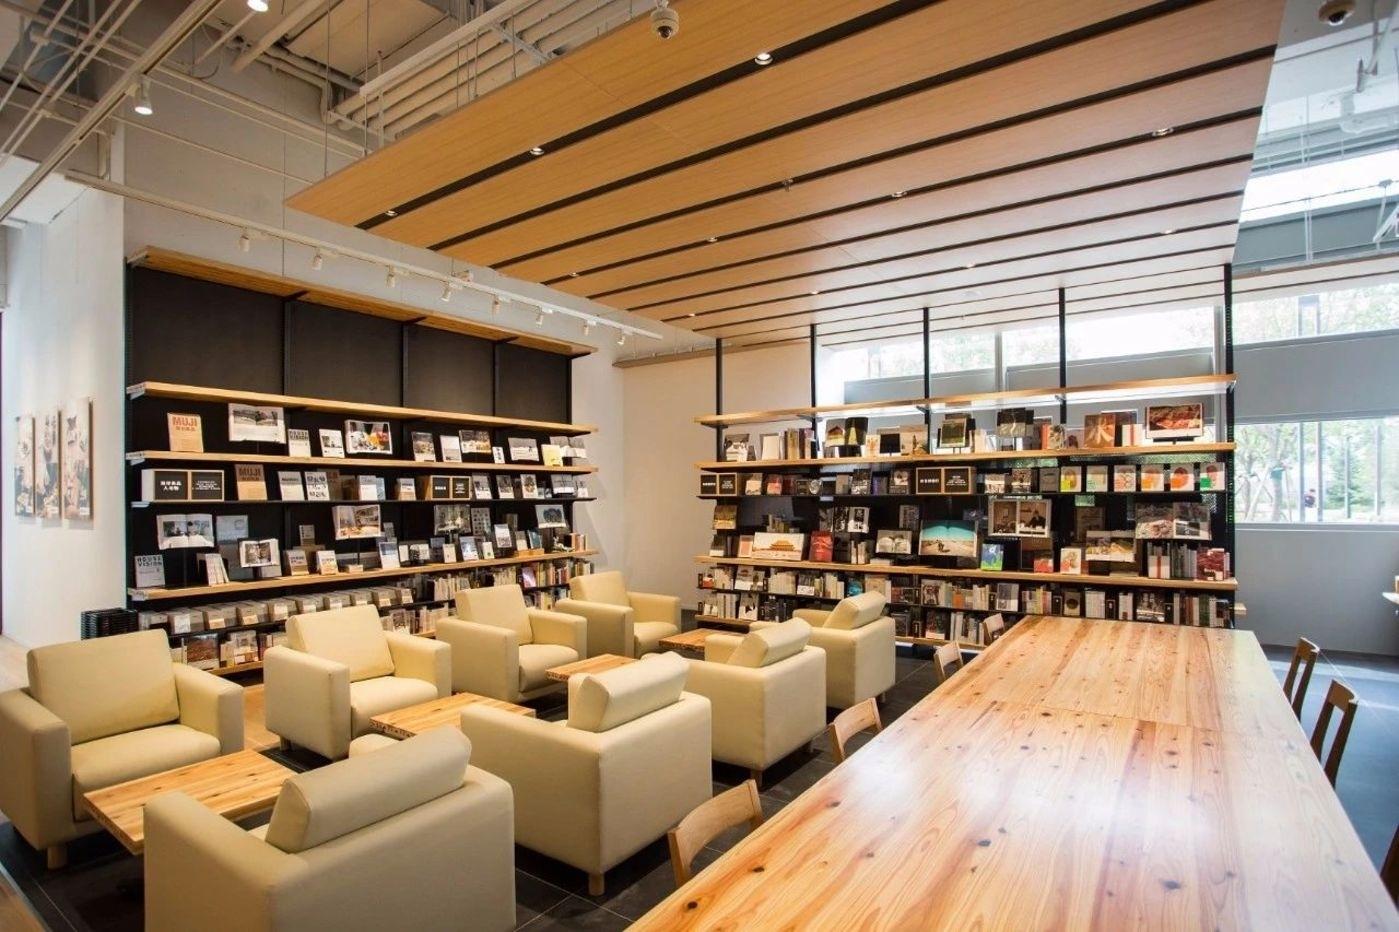 無印良品開了一間大雜燴「便利店」,它的新零售想像是什麼?